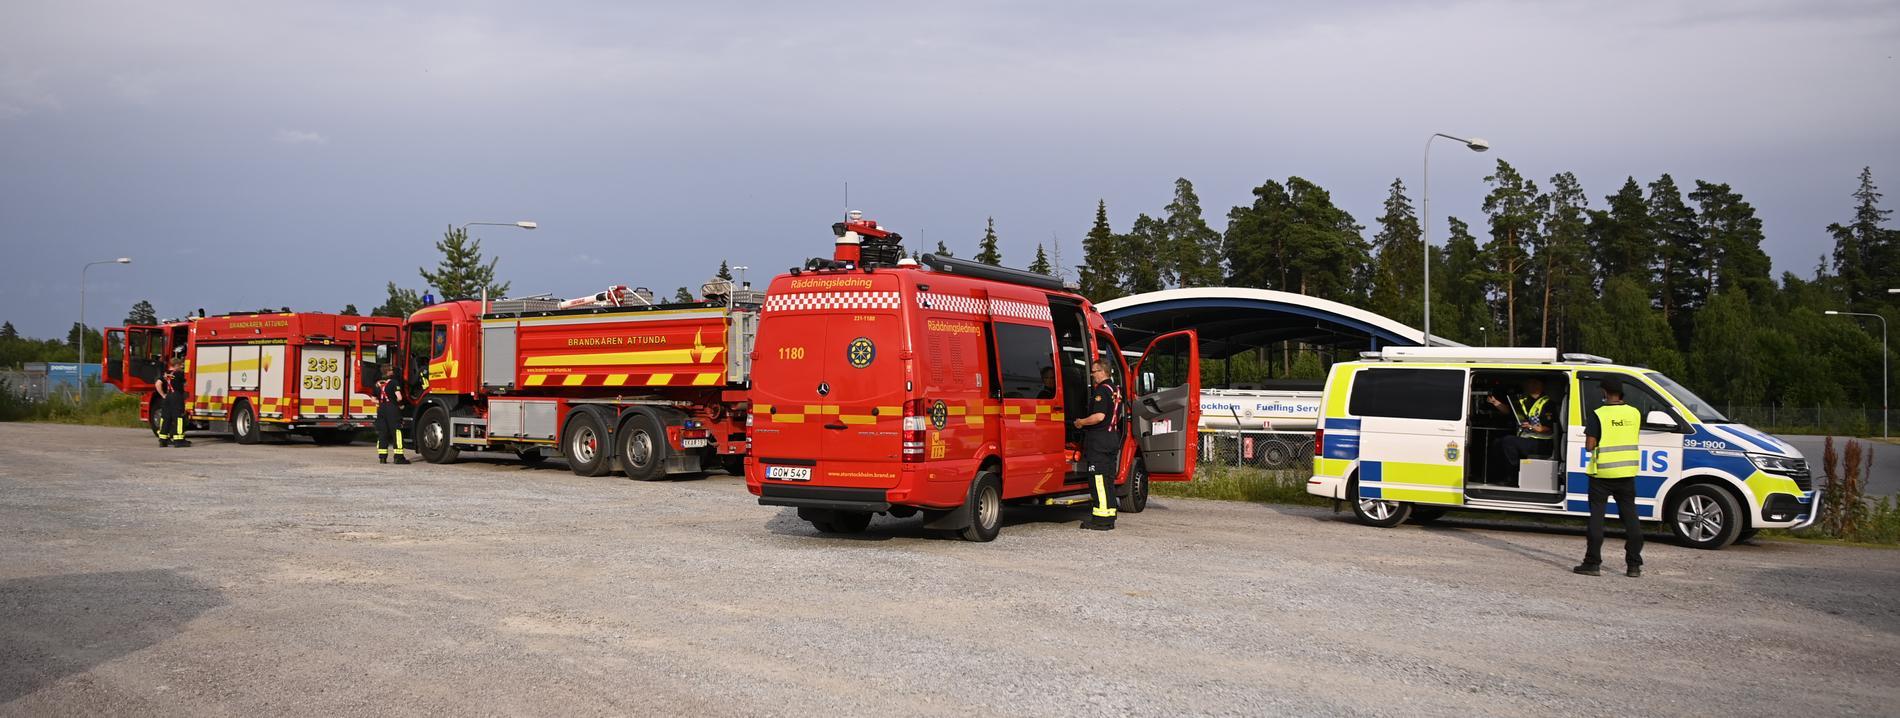 En större insats med räddningstjänst och polis är på plats.